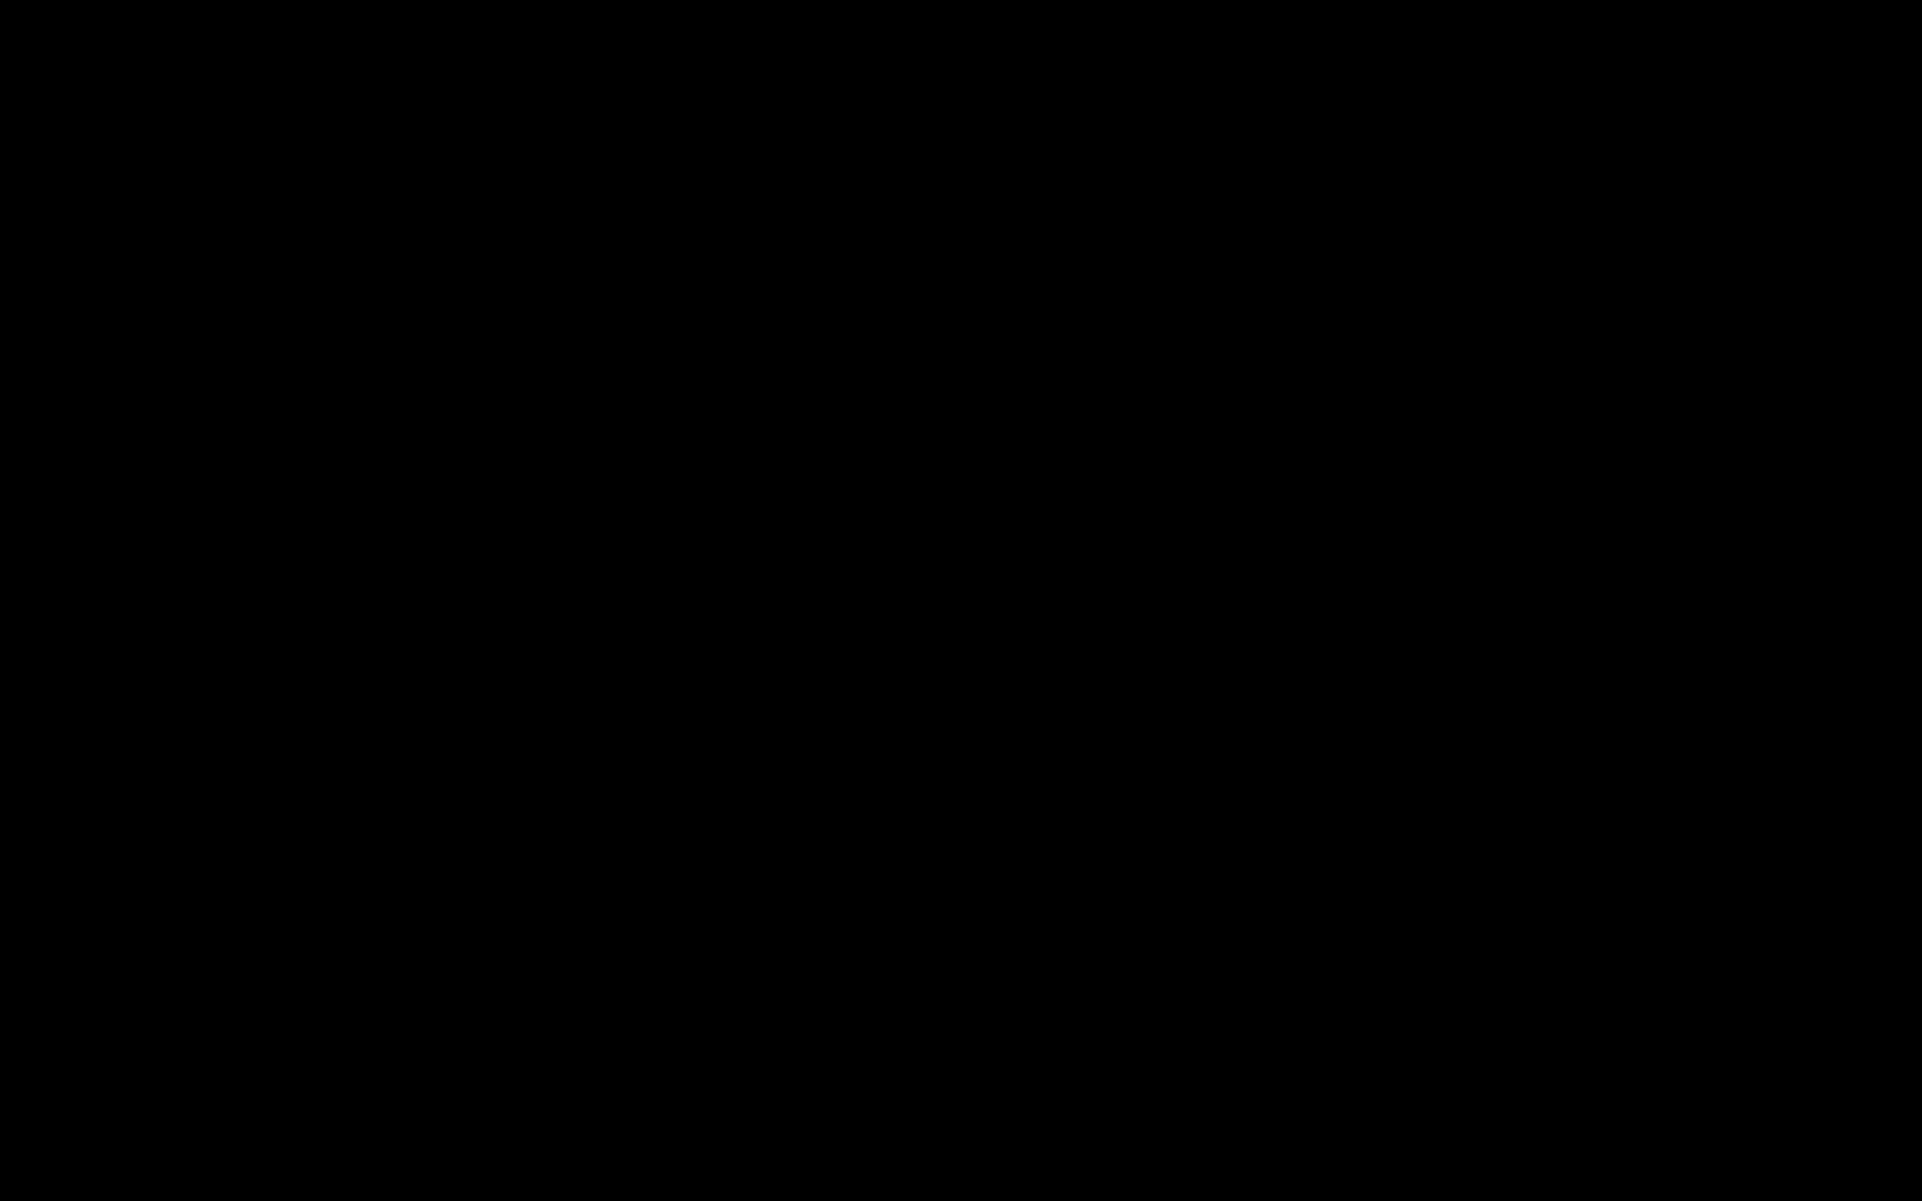 White Square Black Outline